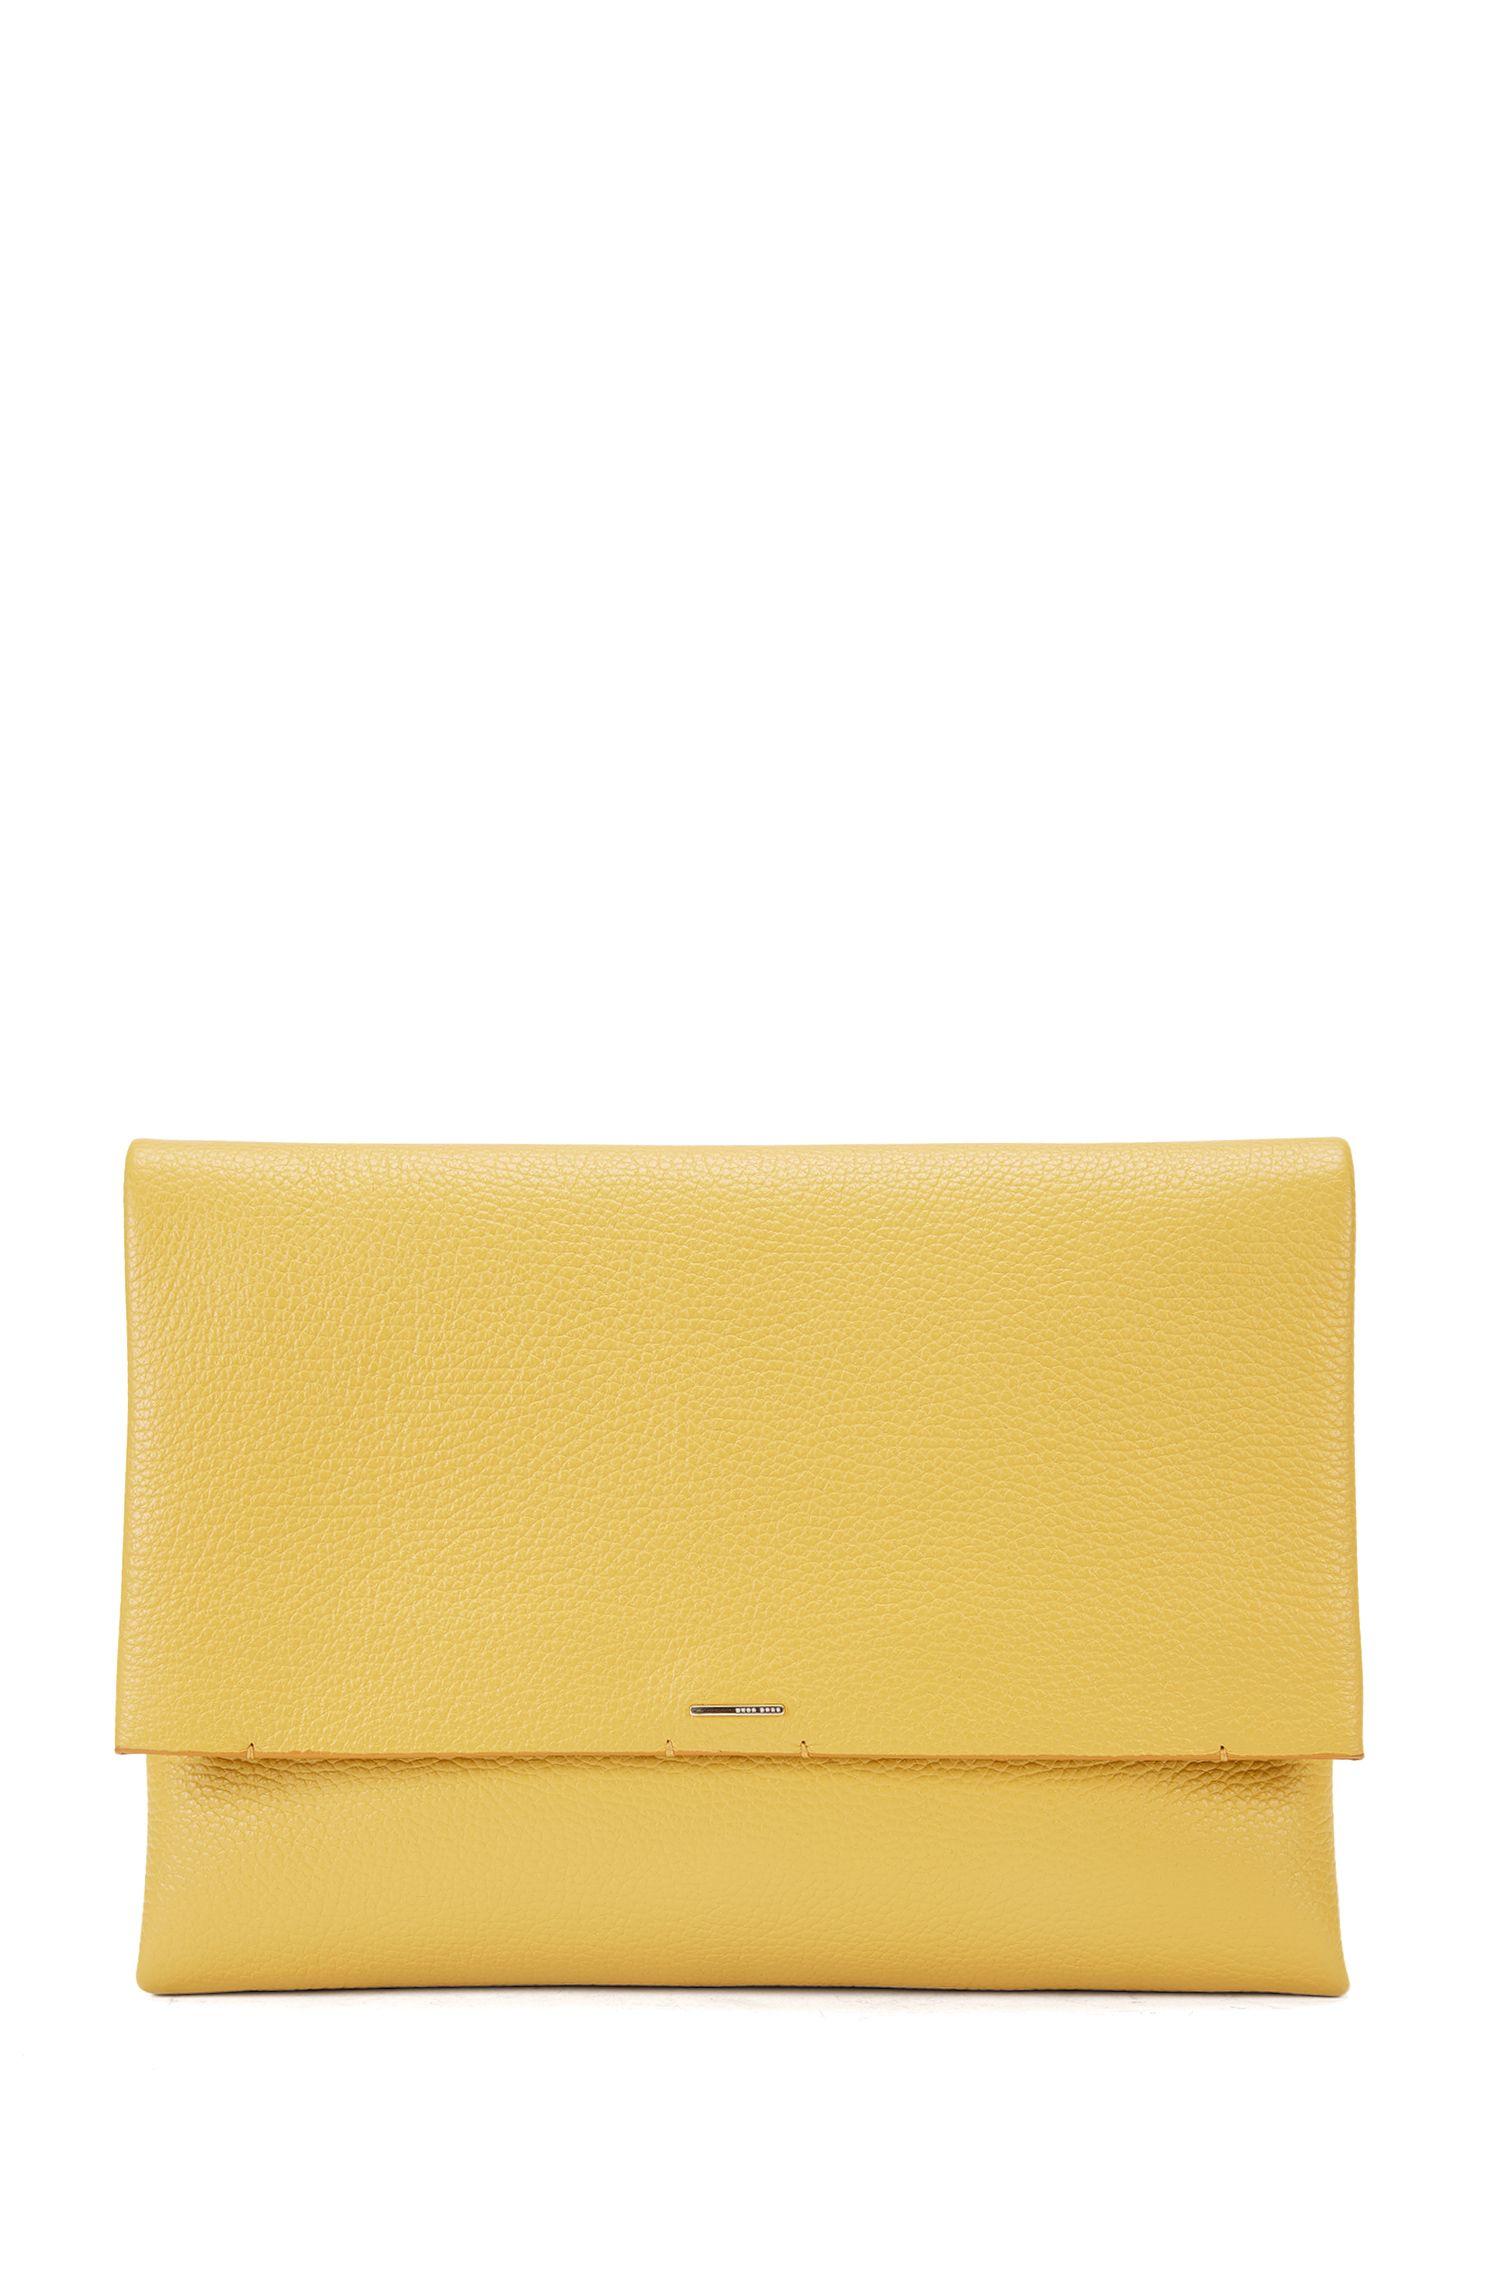 Pochette BOSS Luxury Staple in pelle italiana senza fodera interna con tracolla a catena